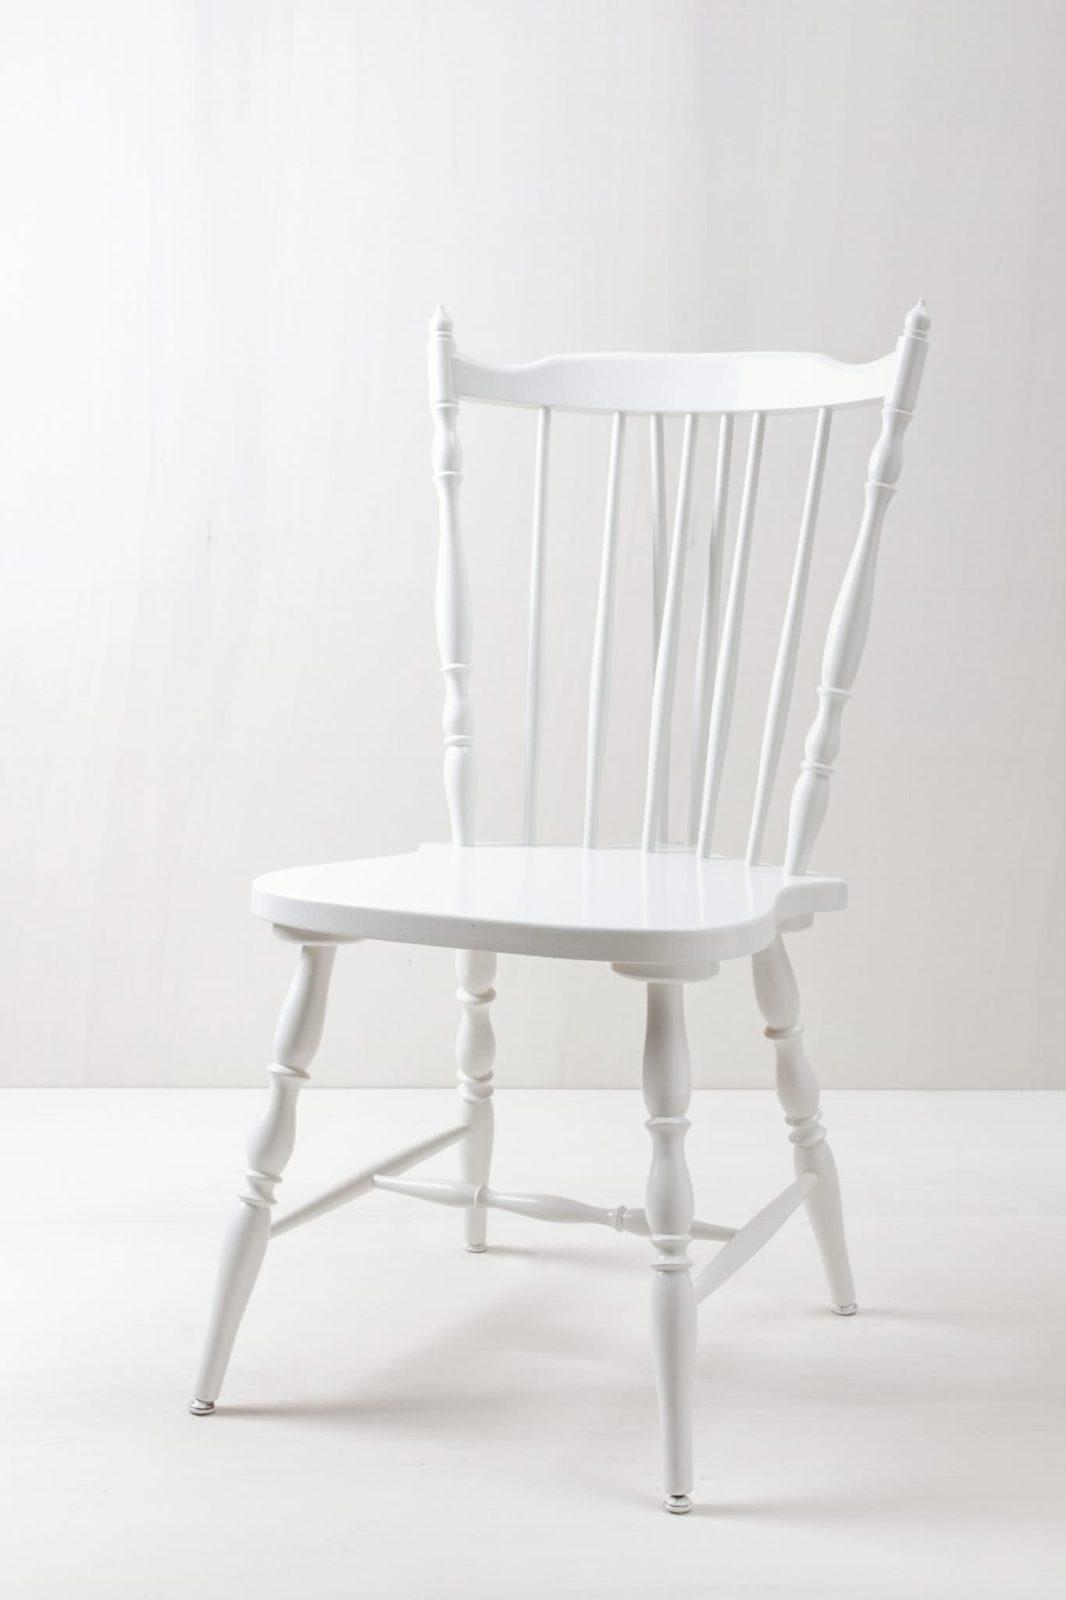 Sprossenstuhl Miriam   Sprossen-Bauernstuhl mit schöner Kontur. Weiß lackiert.   gotvintage Rental & Event Design